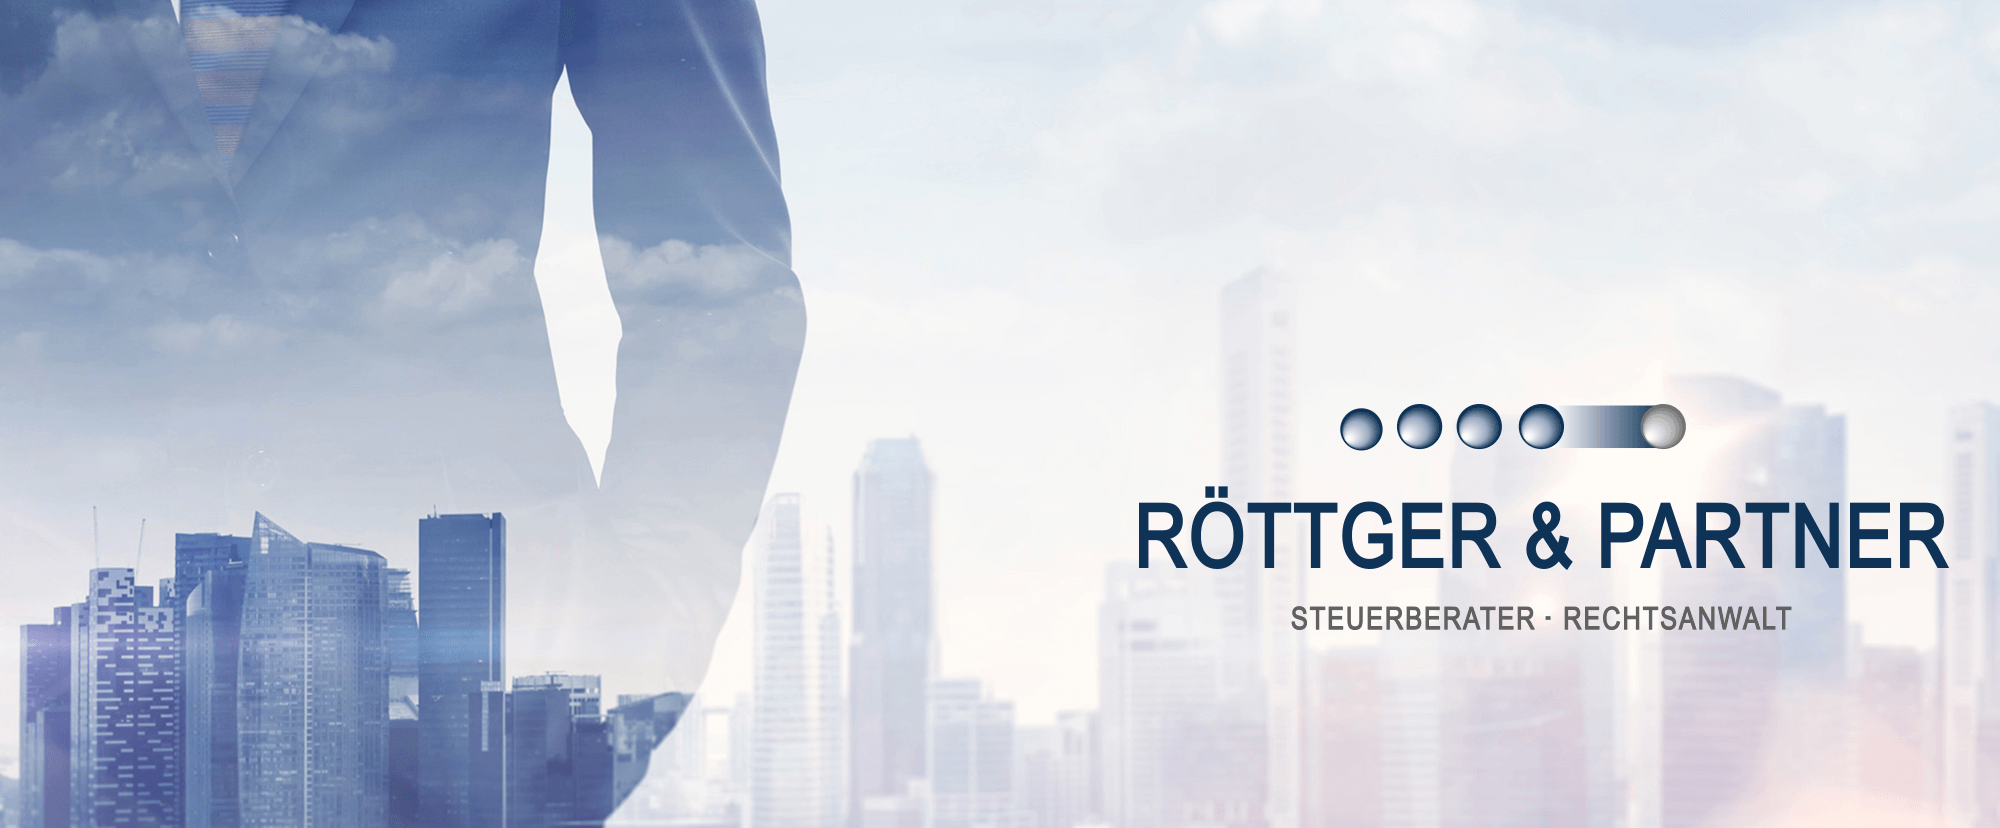 Rottger Partner-BrandCrock-portfolio-services-ipad